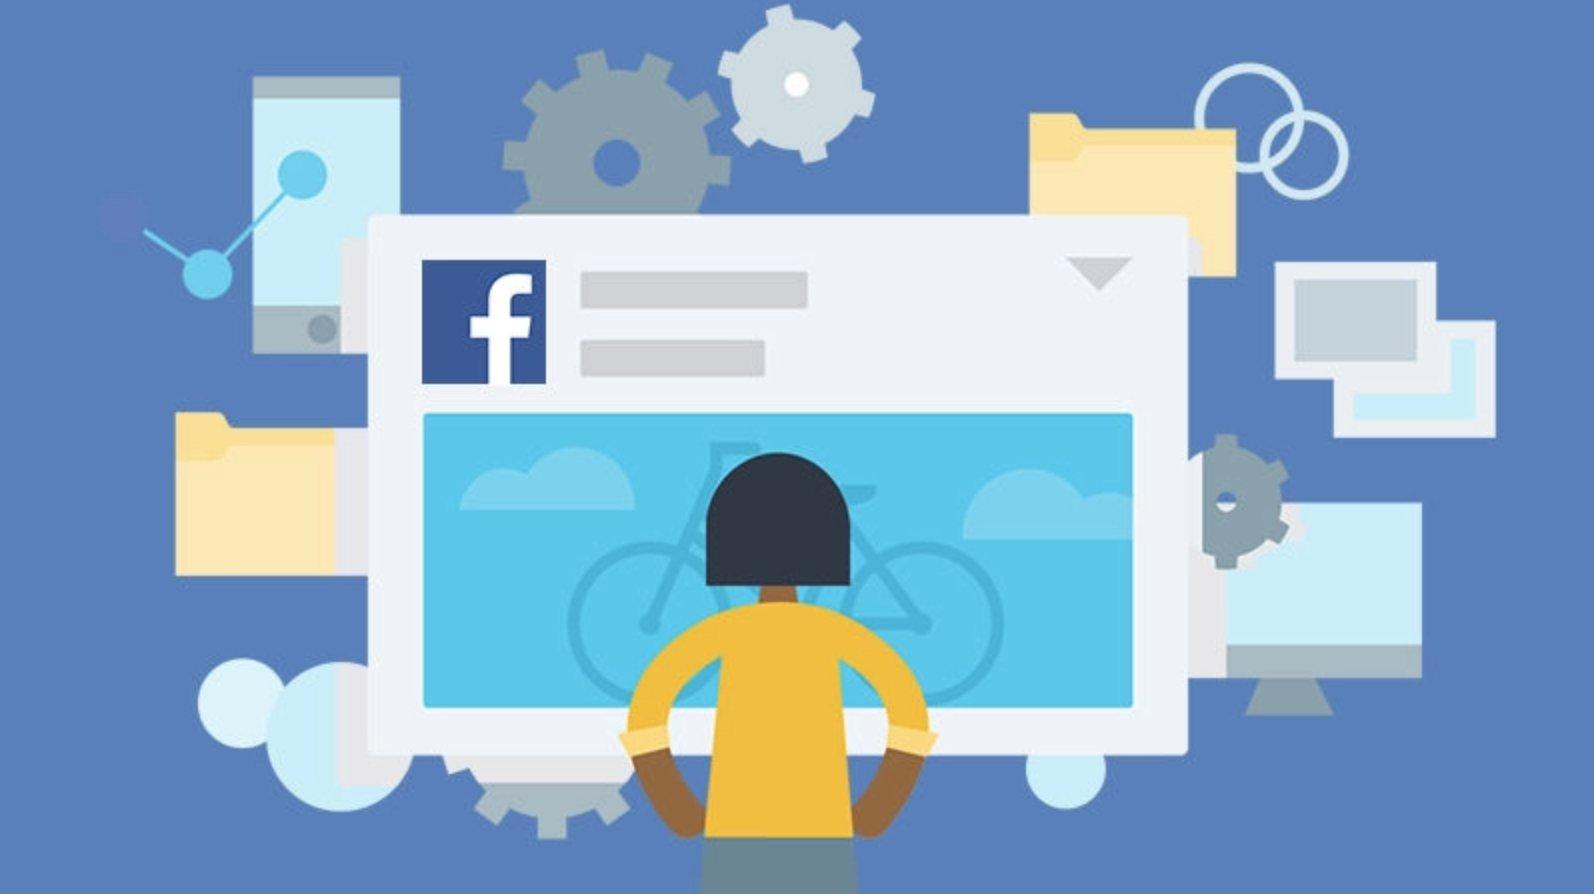 خدمات فيس بوك